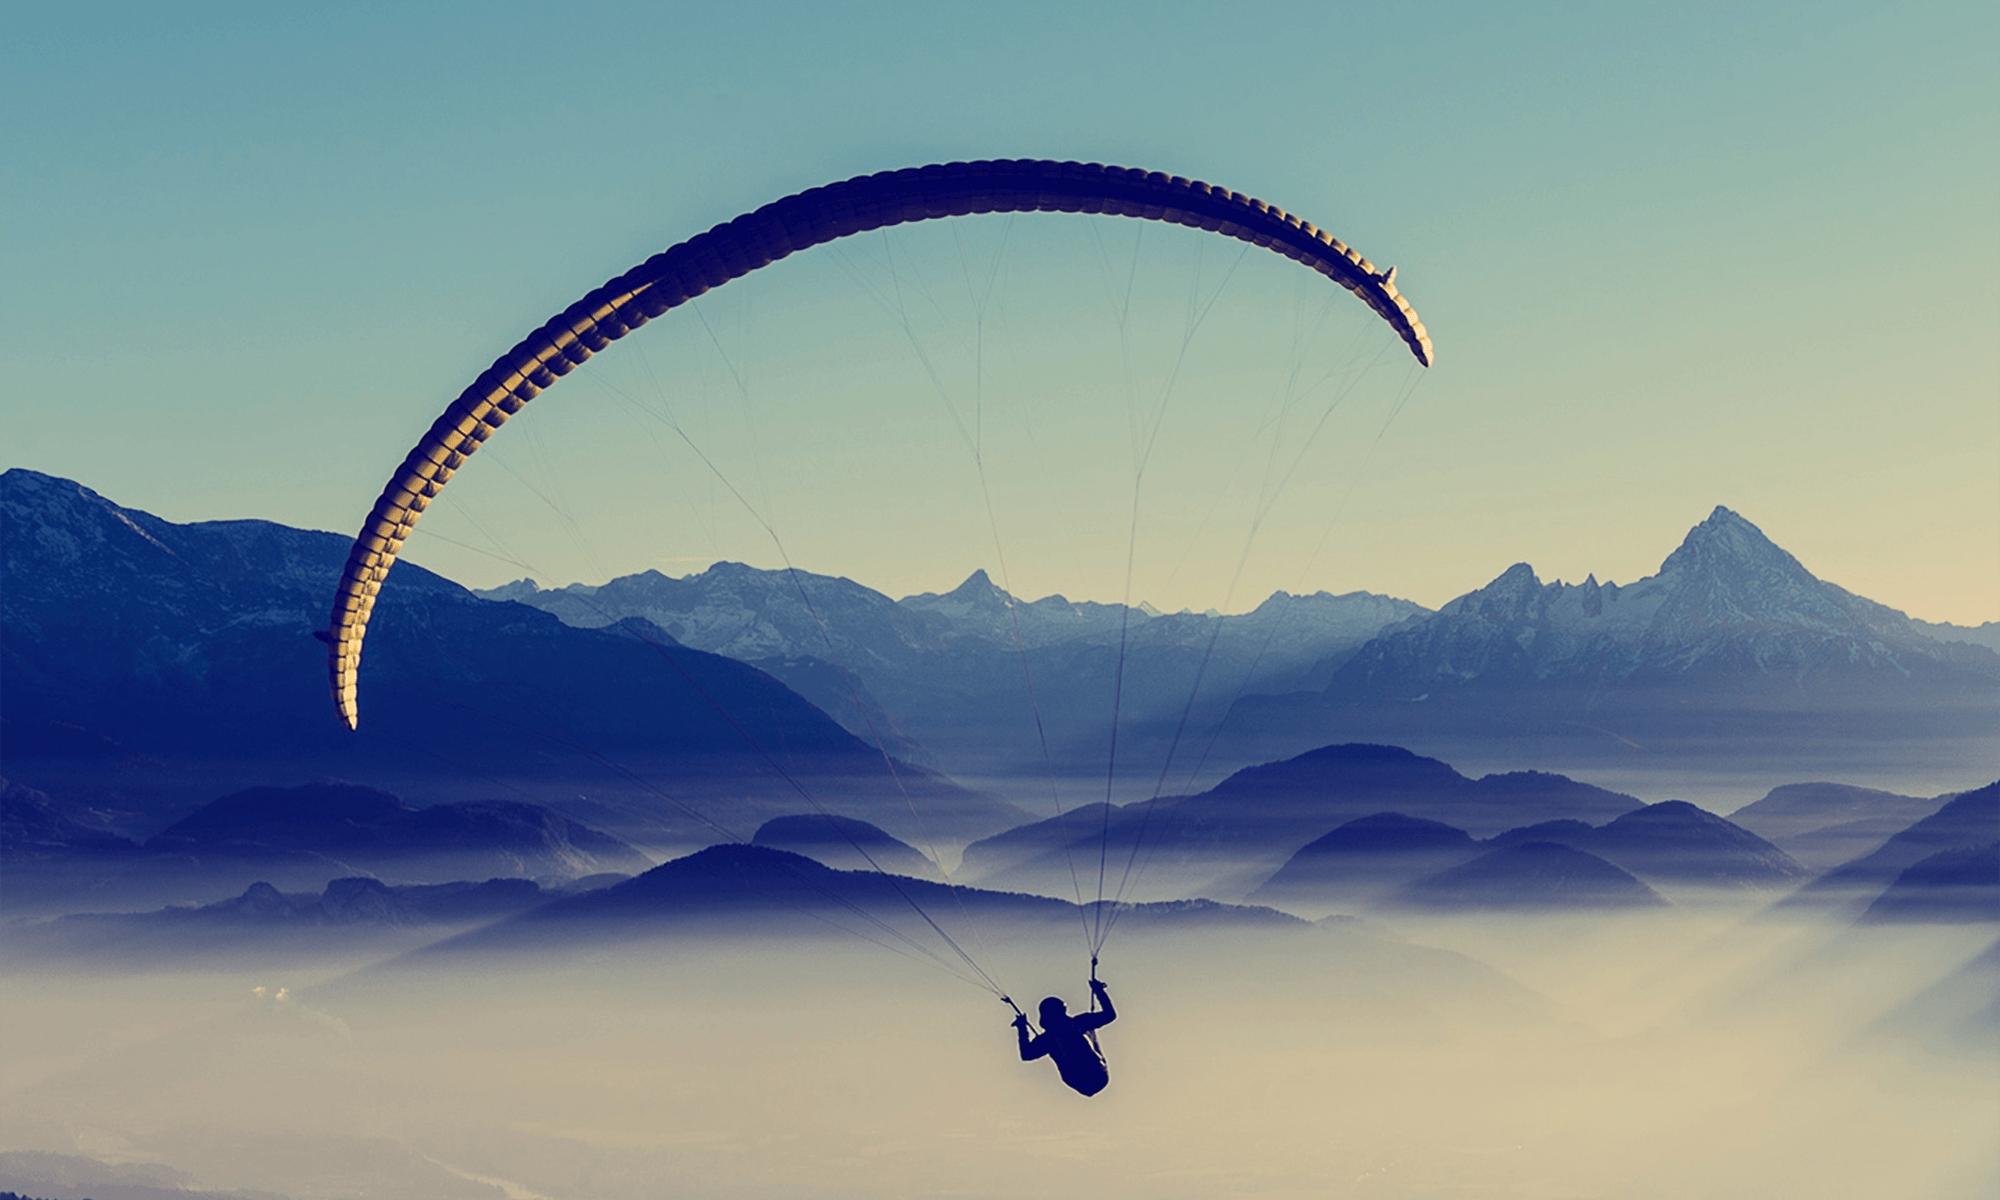 В поисках острых ощущений: что заставляет идти на риск?